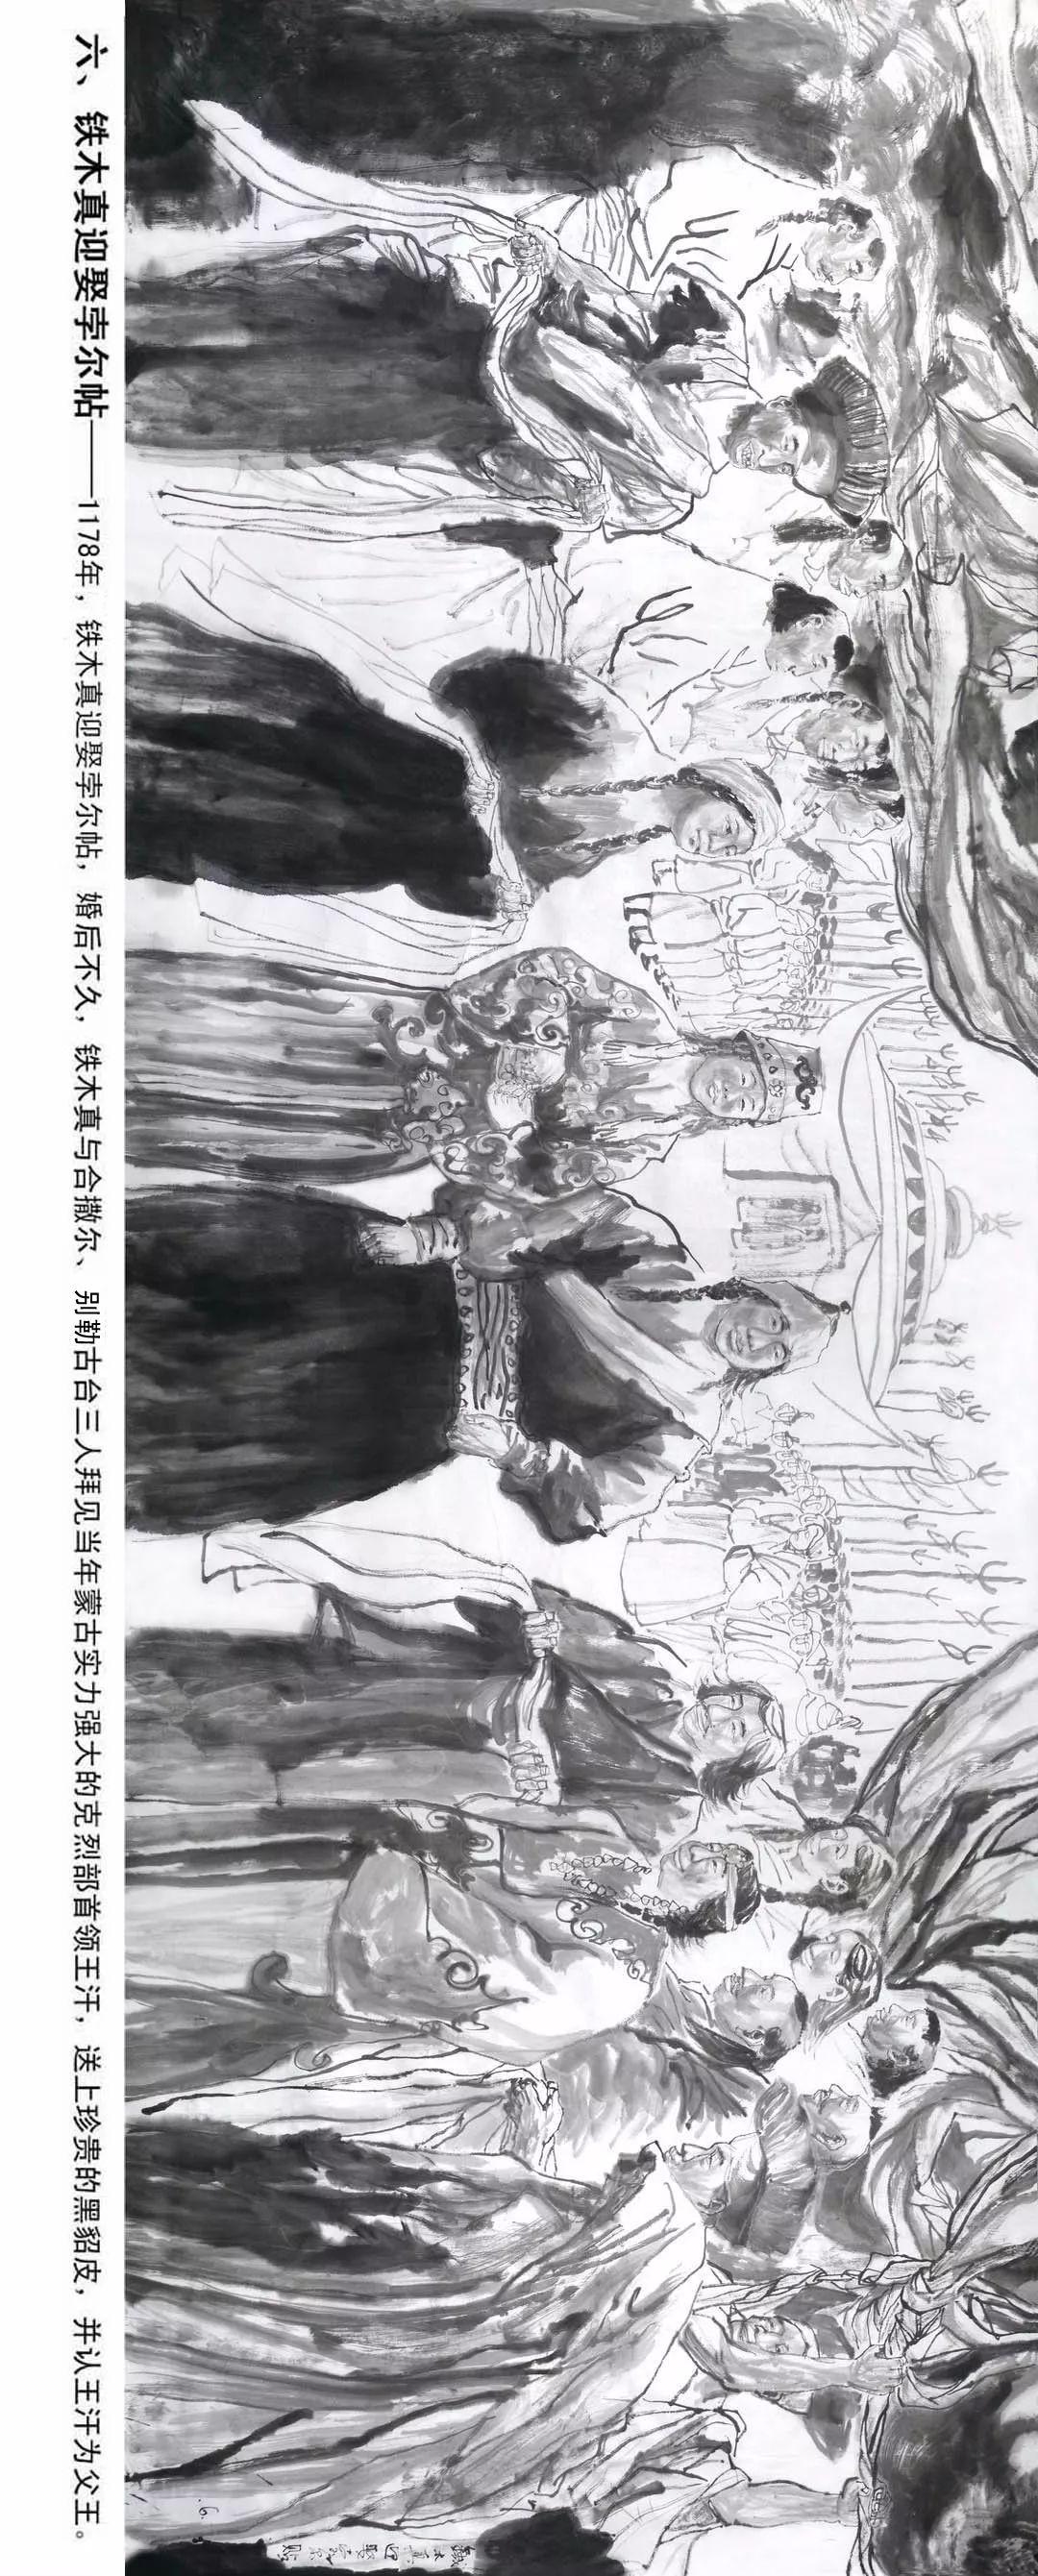 【经典】《蒙古魂》国画写意,大师所创,值得收藏。 第4张